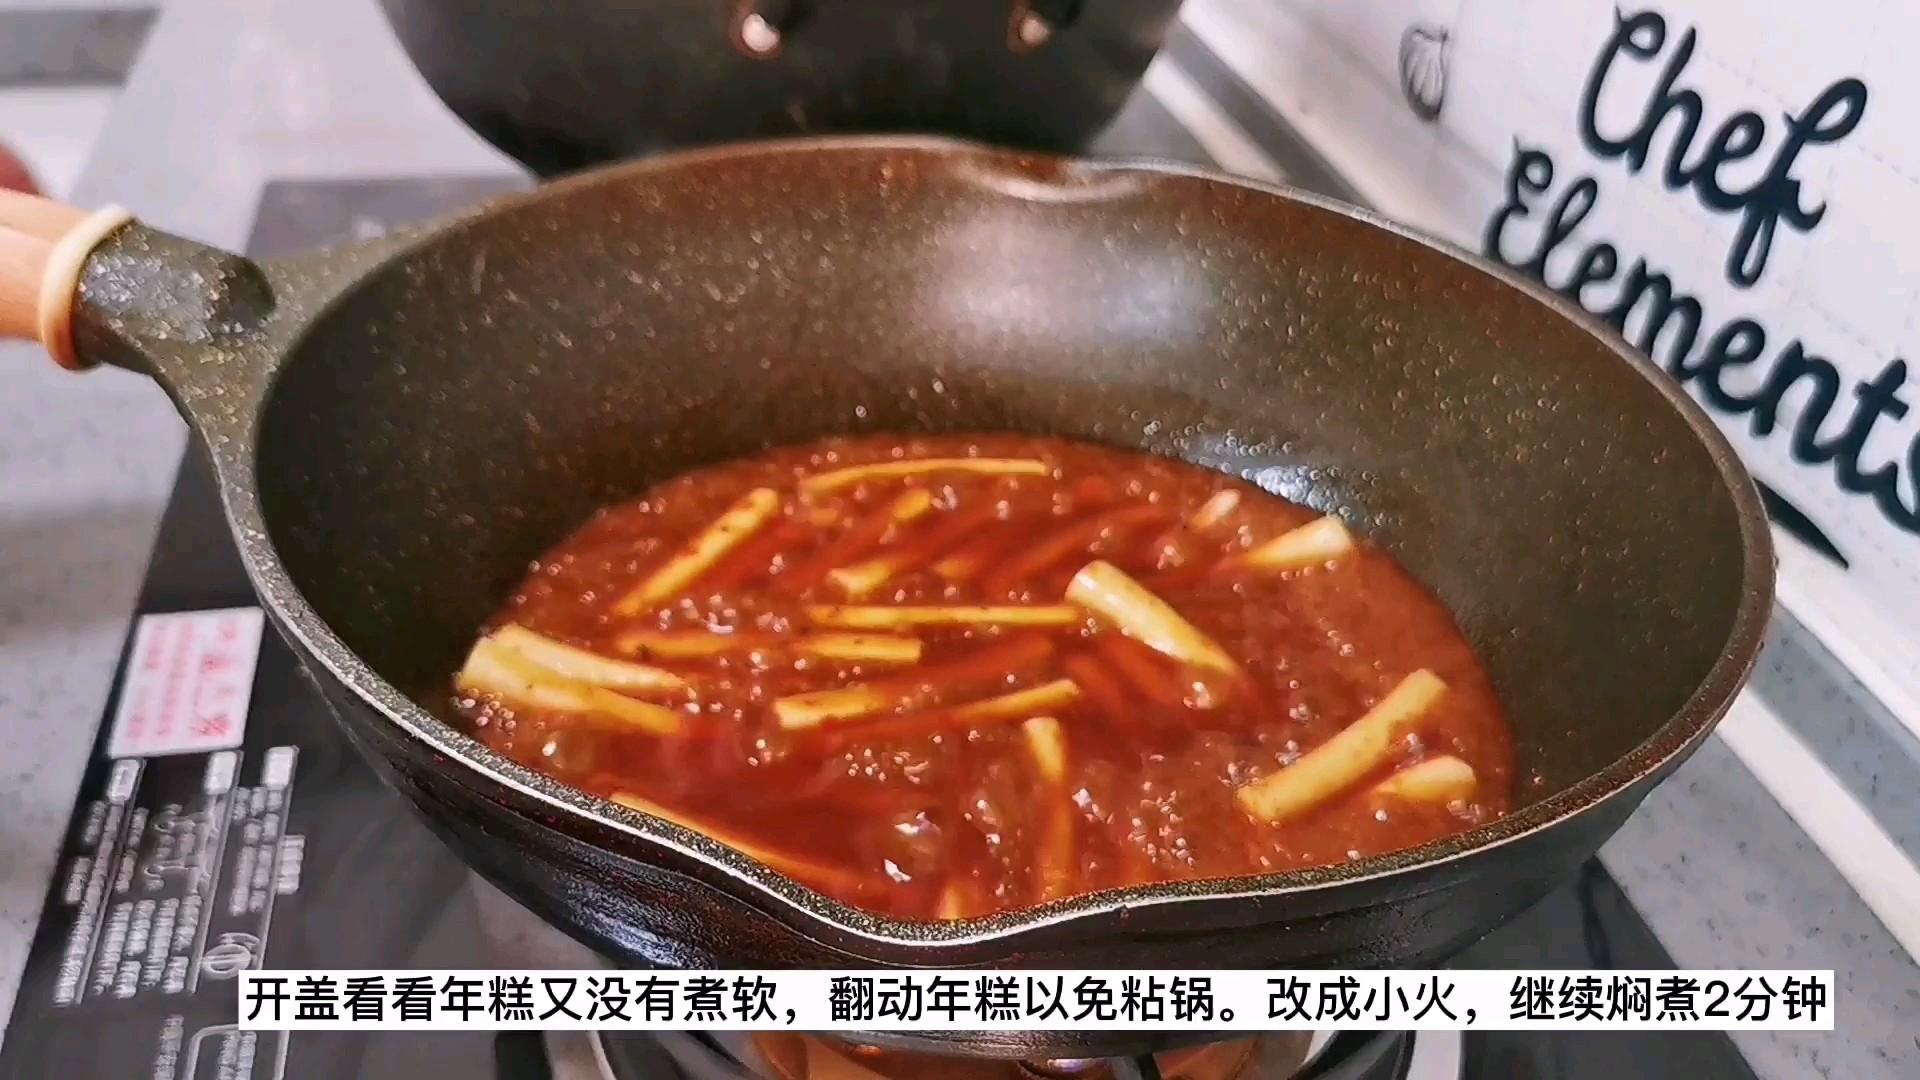 呷哺呷哺台式XO麻婆酱炒年糕,停不下来的美味怎么炒